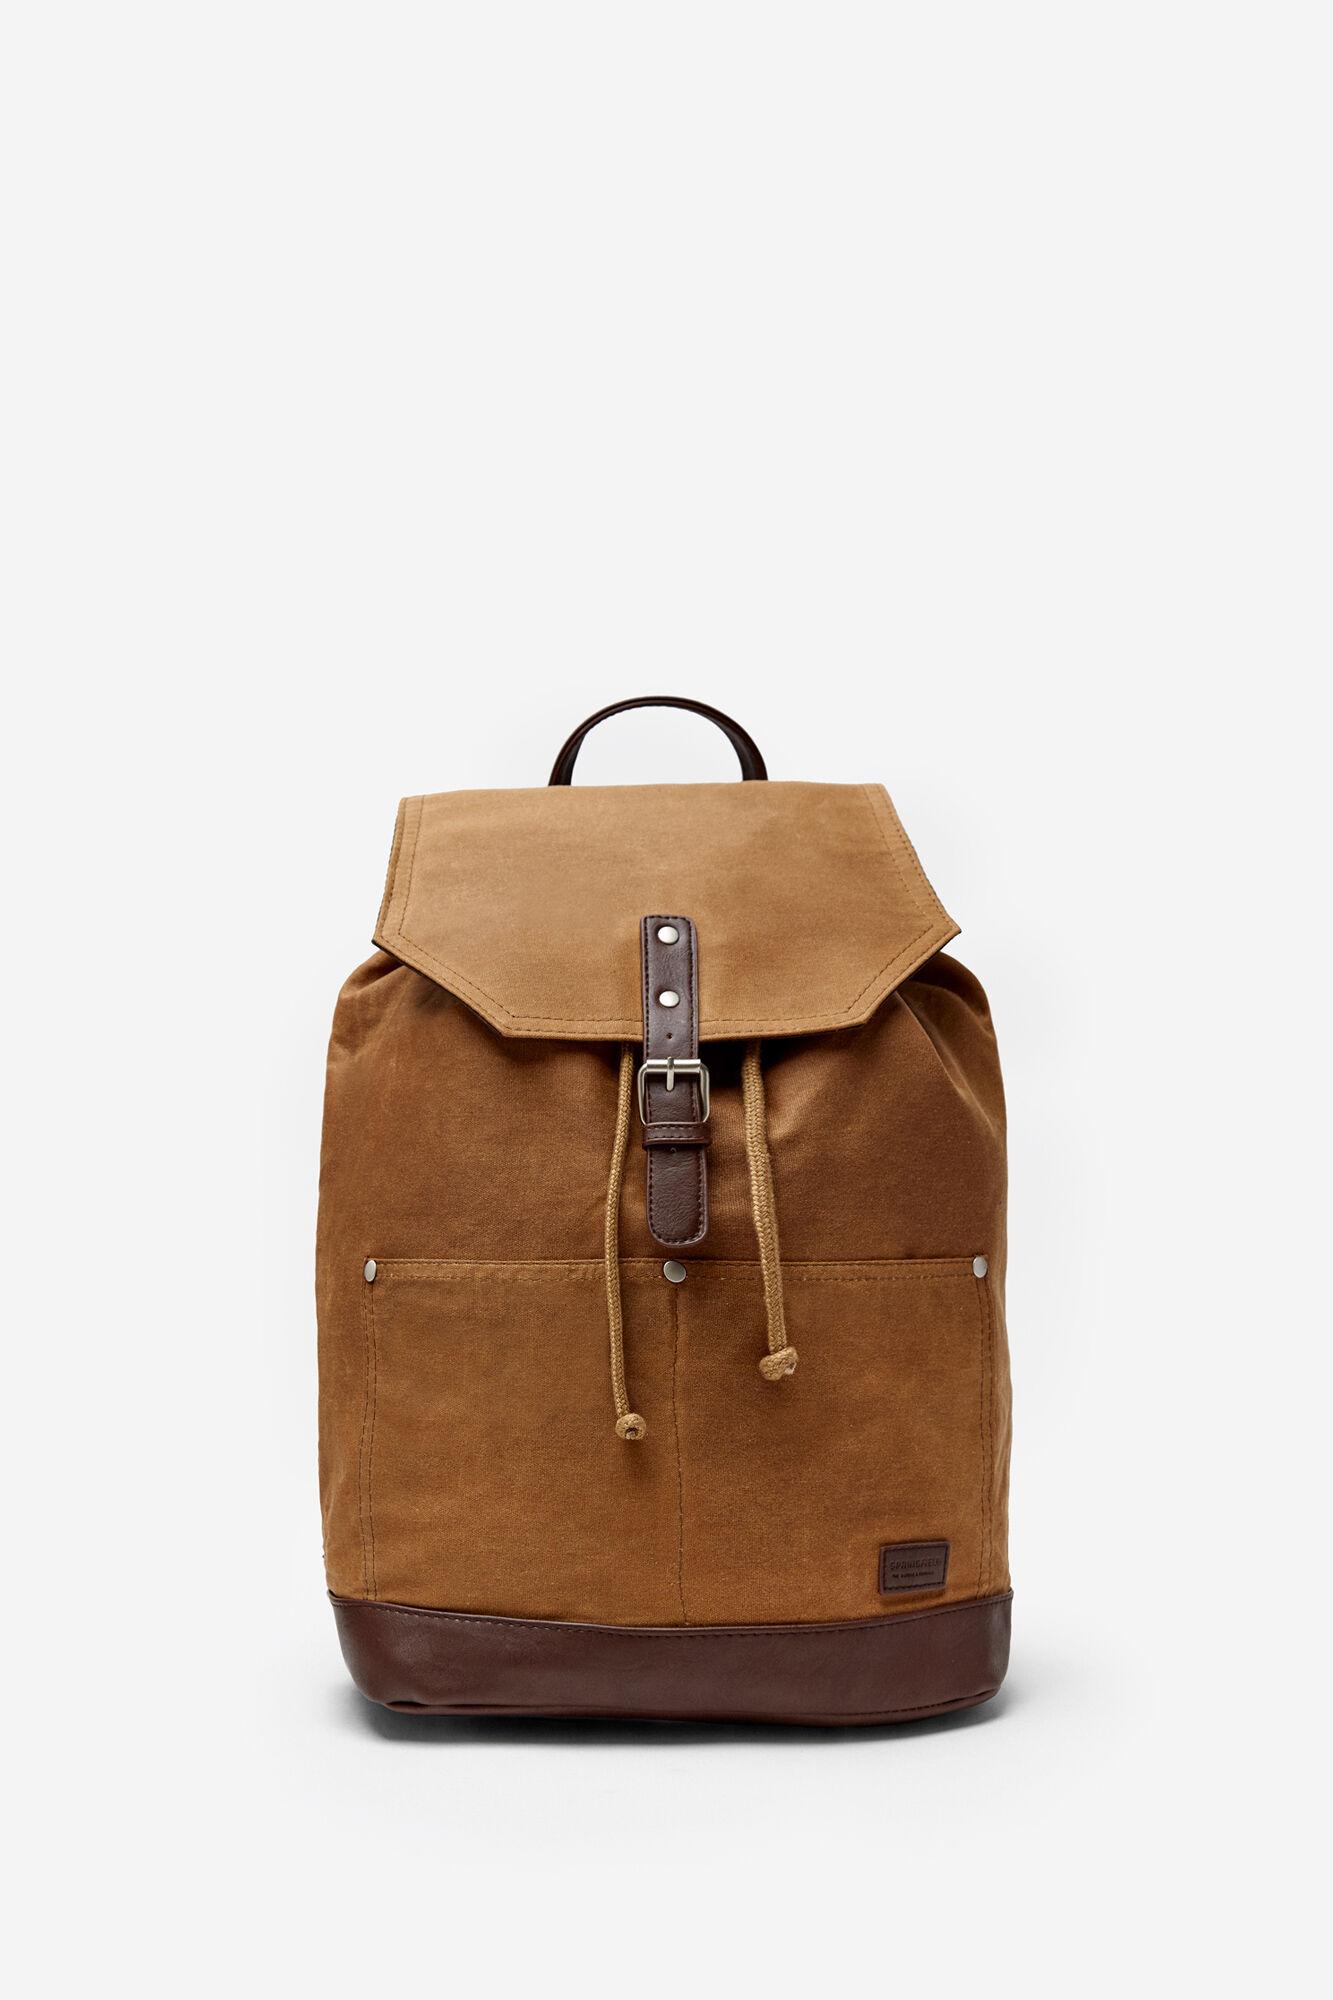 Рюкзак camel 55л магазин купить рюкзак